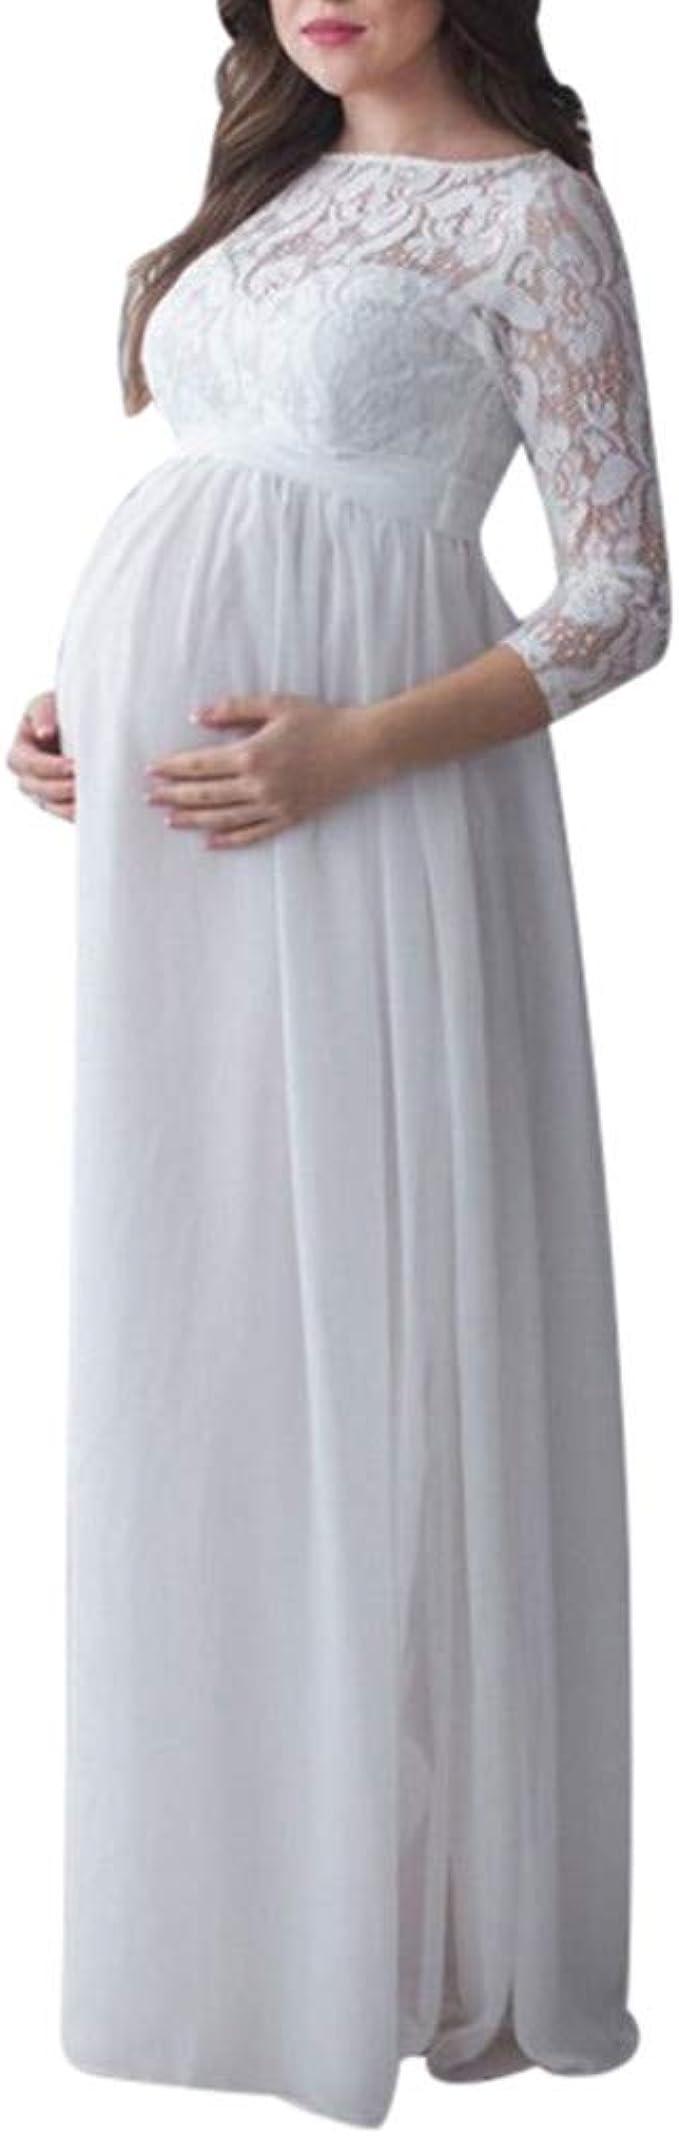 Vestido de Maternidad Mujeres Encaje Fiesta Largos Boda Vestido ...